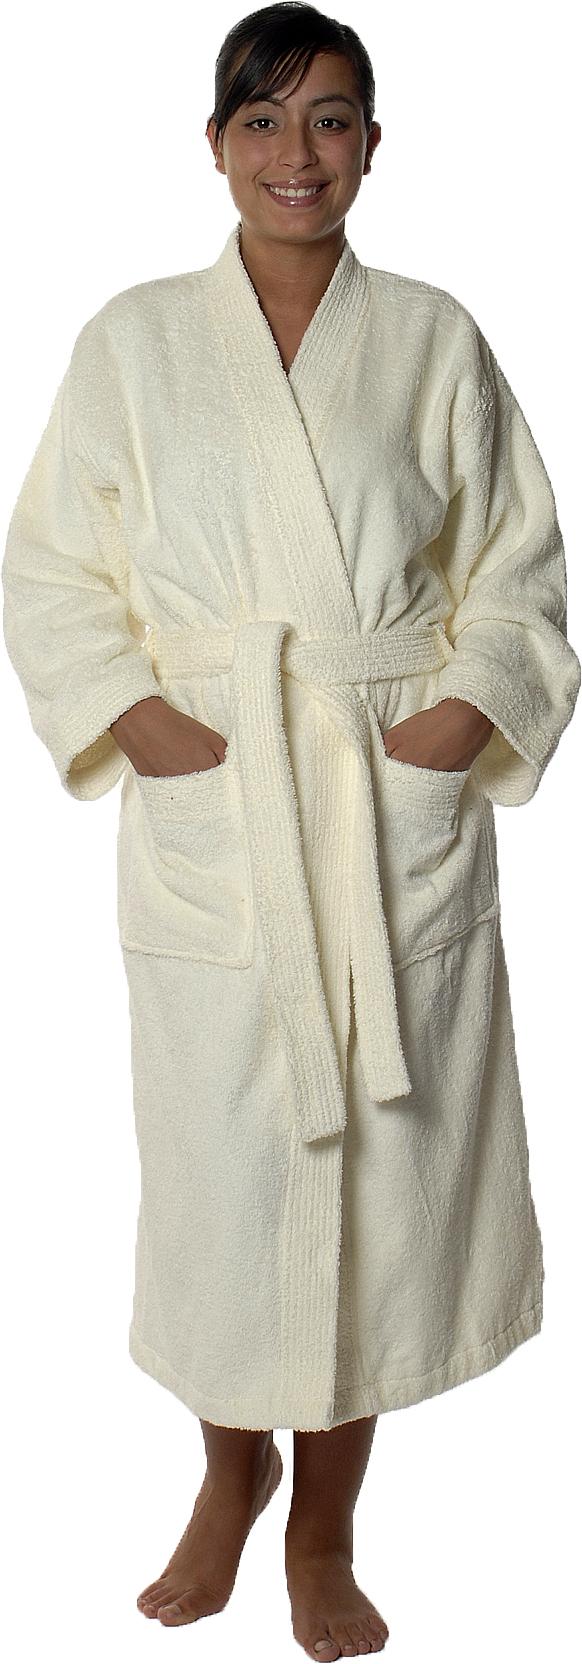 Peignoir col kimono en Coton couleur Ecru Taille M (Ecru)